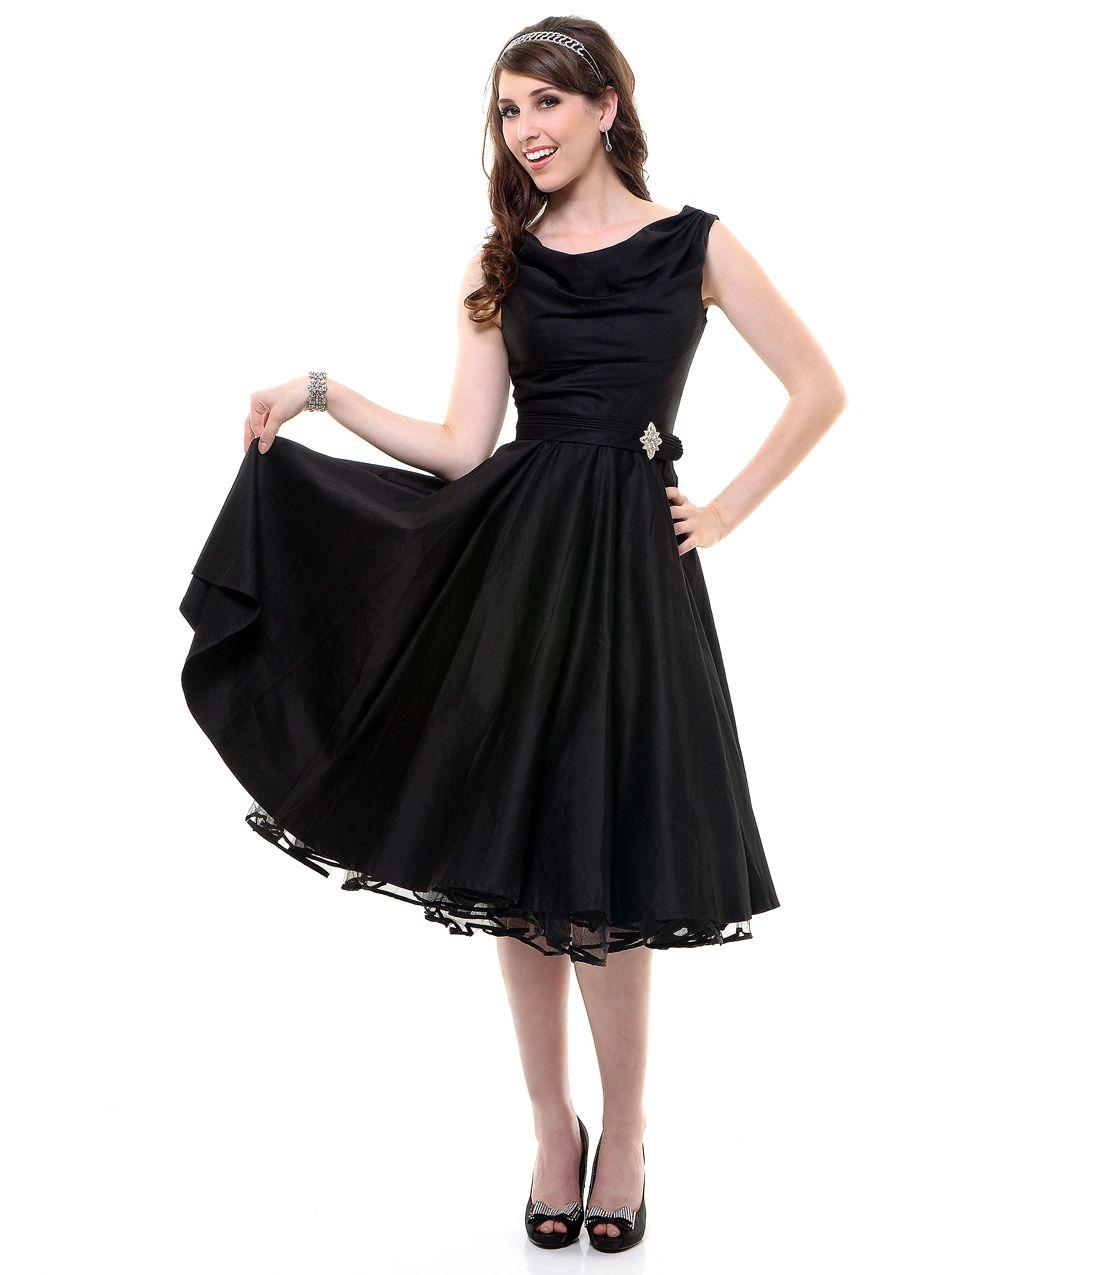 Black dress vintage - Black Scoop Neck Belted Swing Dress Unique Vintage Prom Dresses Retro Dresses